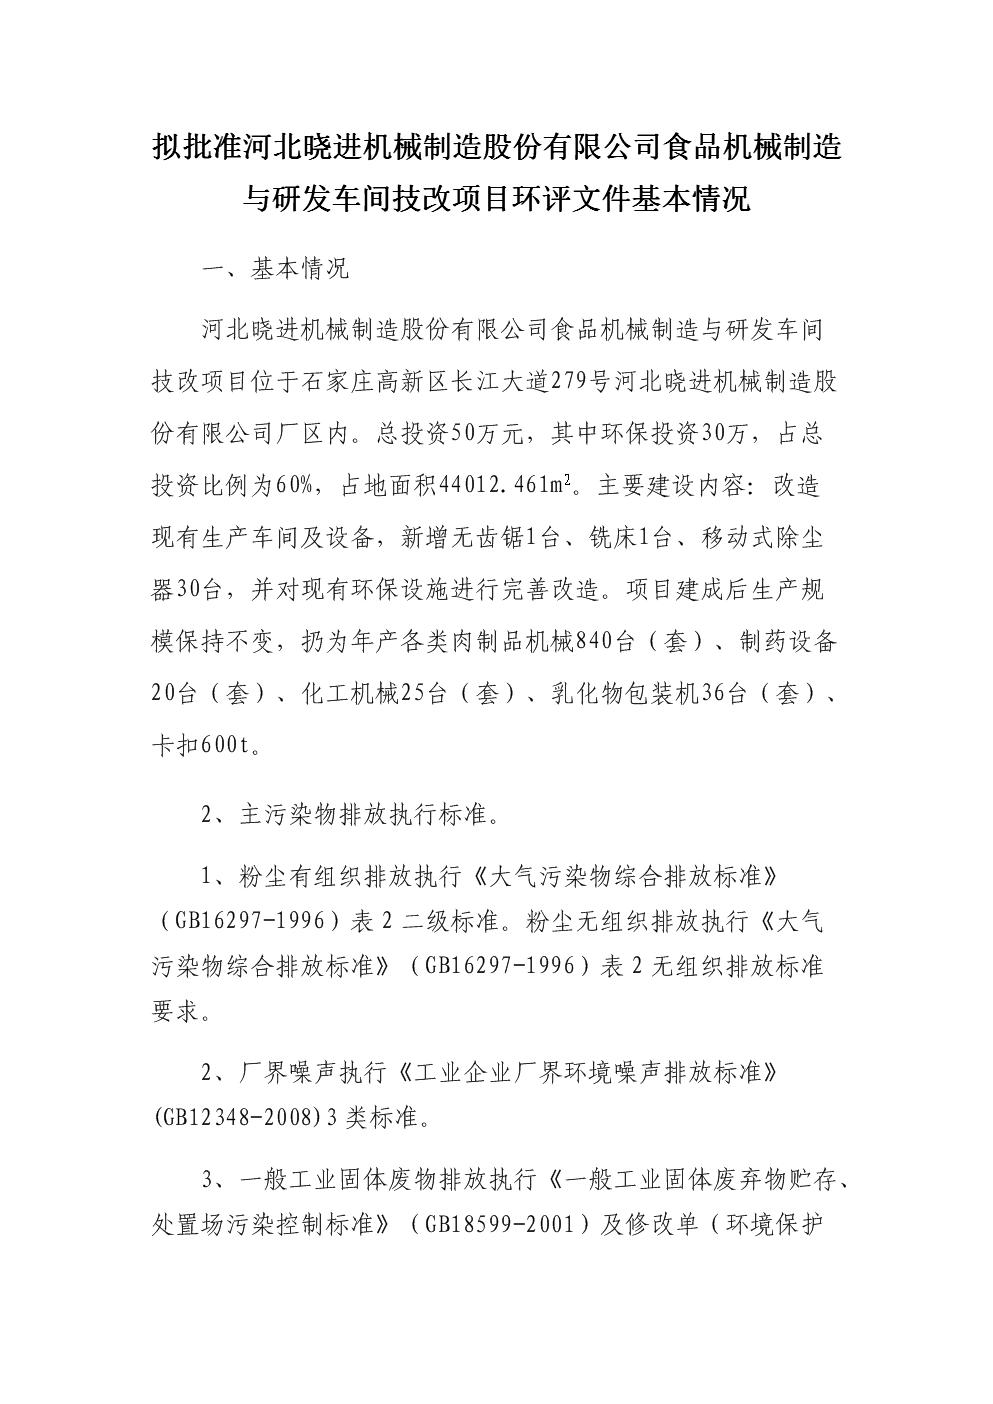 河北晓进机械制造股份有限公司机械制造与研发车间技改项目环境影响报告表.docx